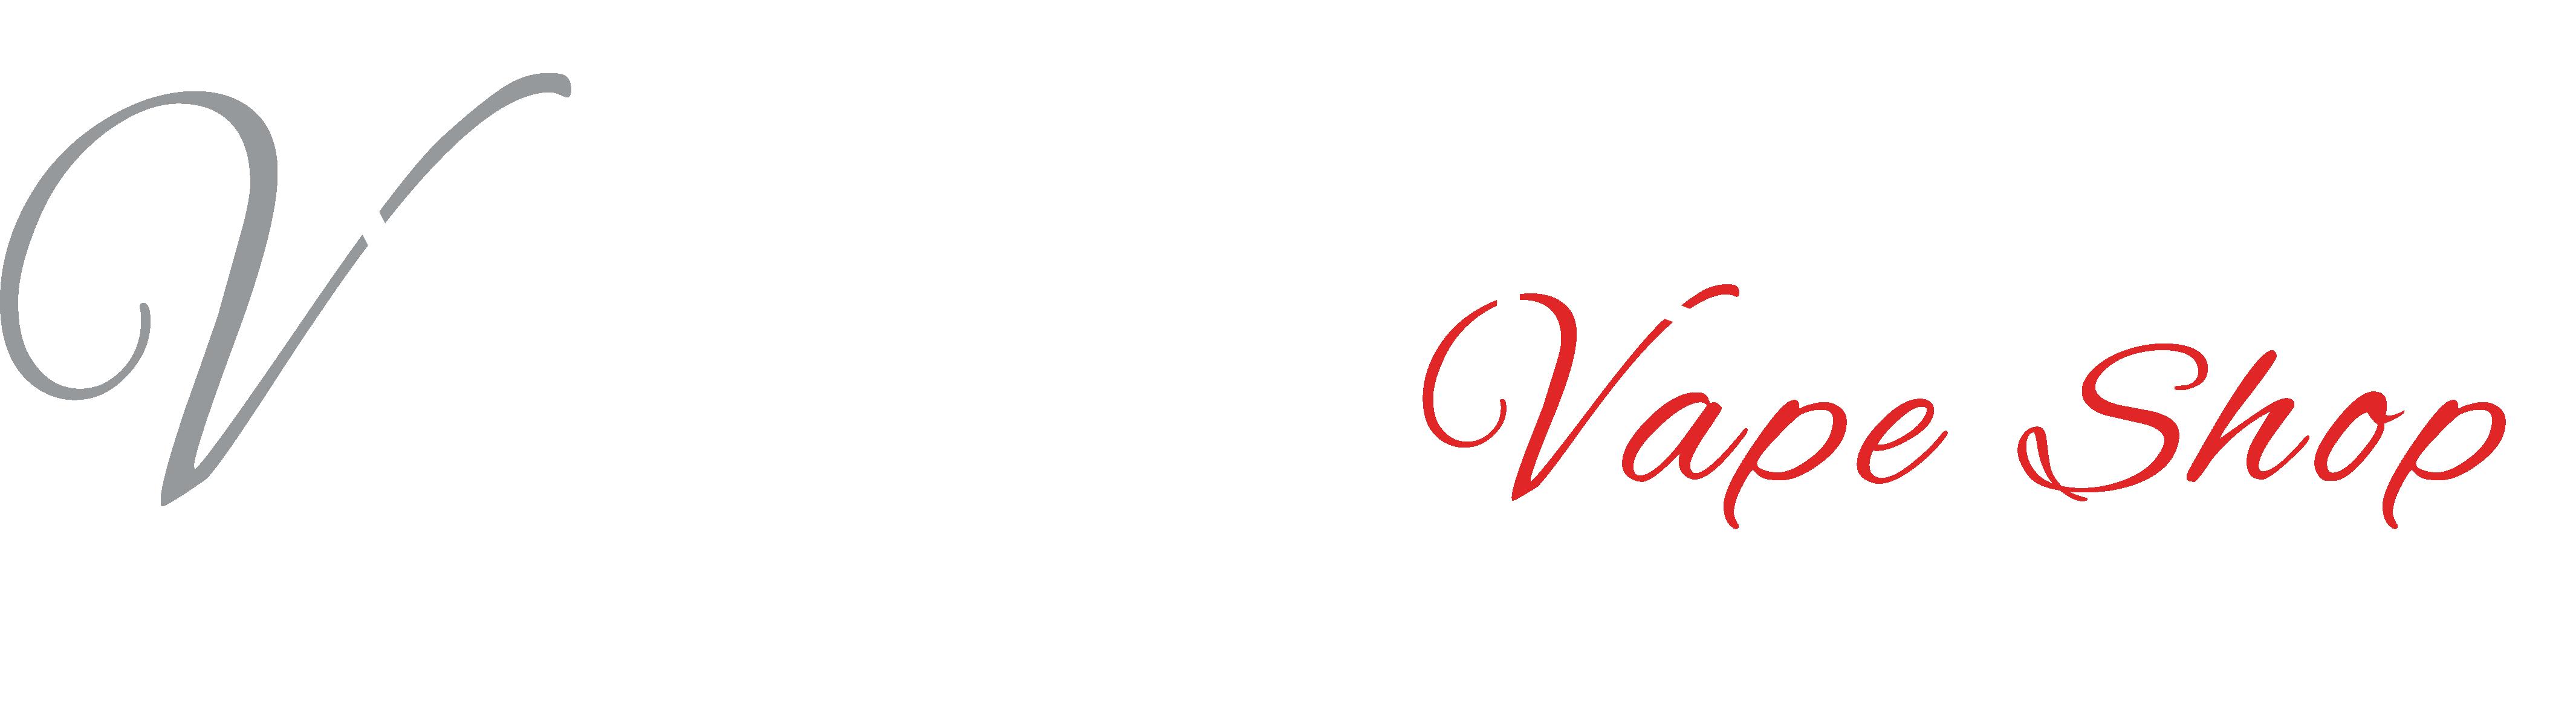 vaporium sape store mississauga